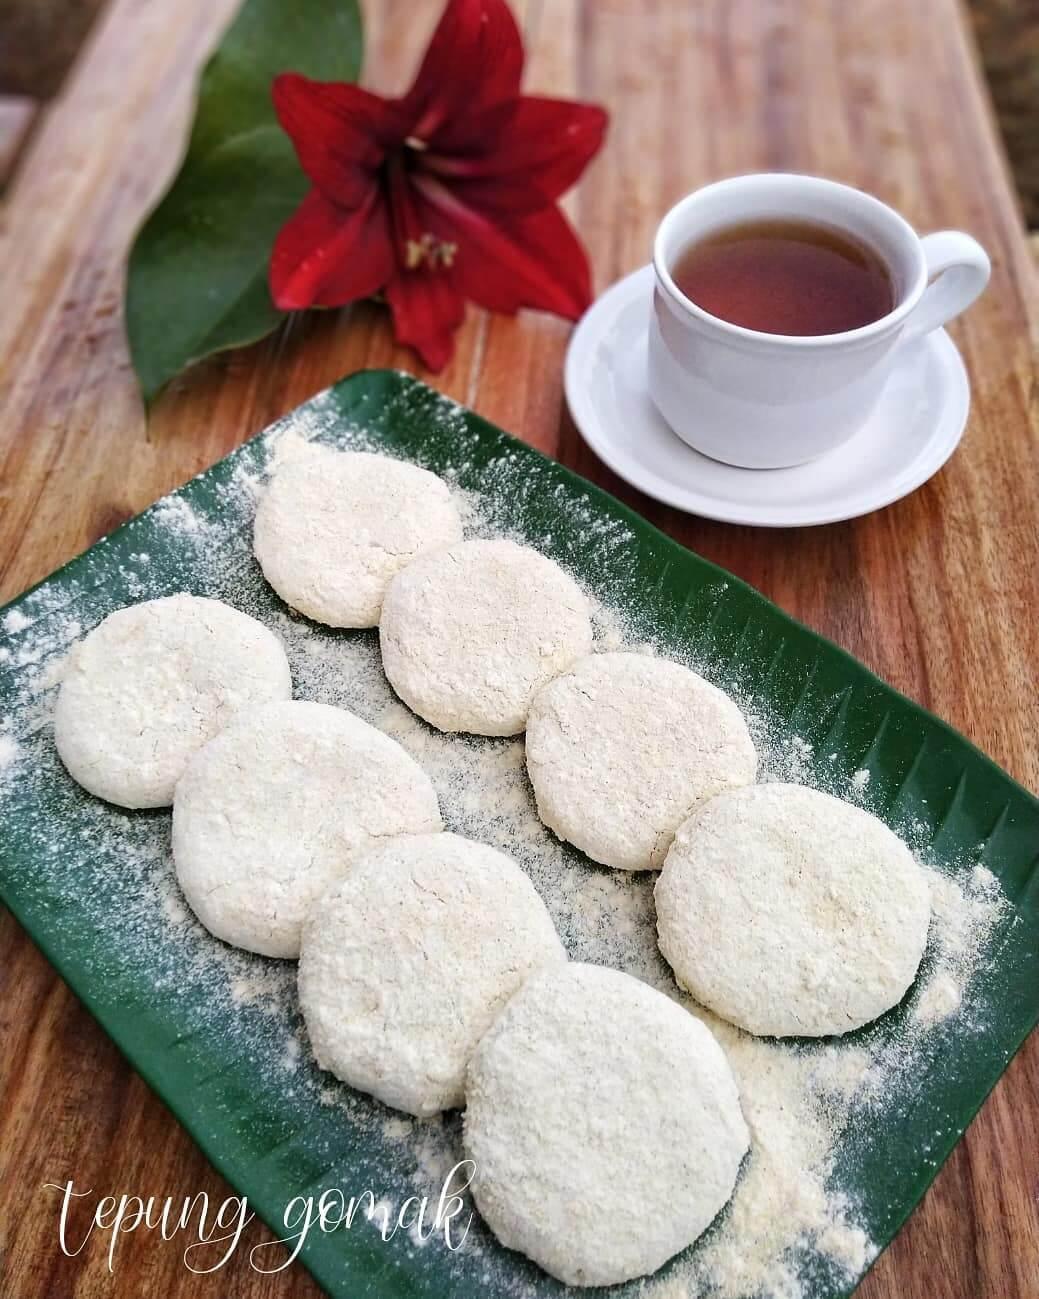 tepung gomak khas tanjung pinang